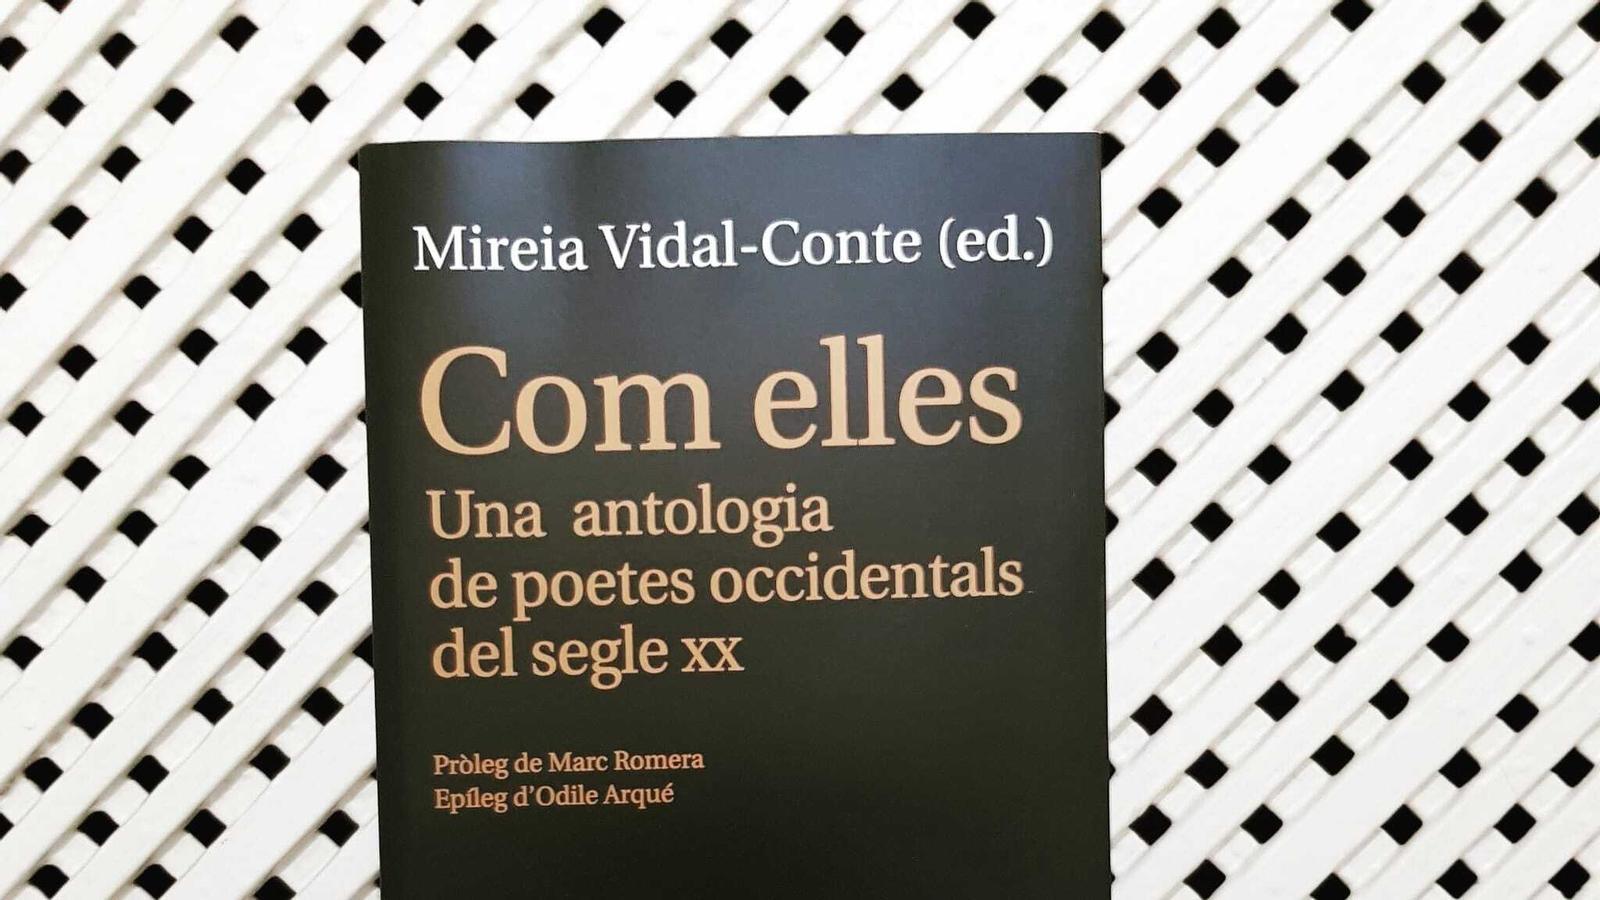 'Com elles', antologia de poetes de Lleonard Muntaner que inclou la Louise Glück